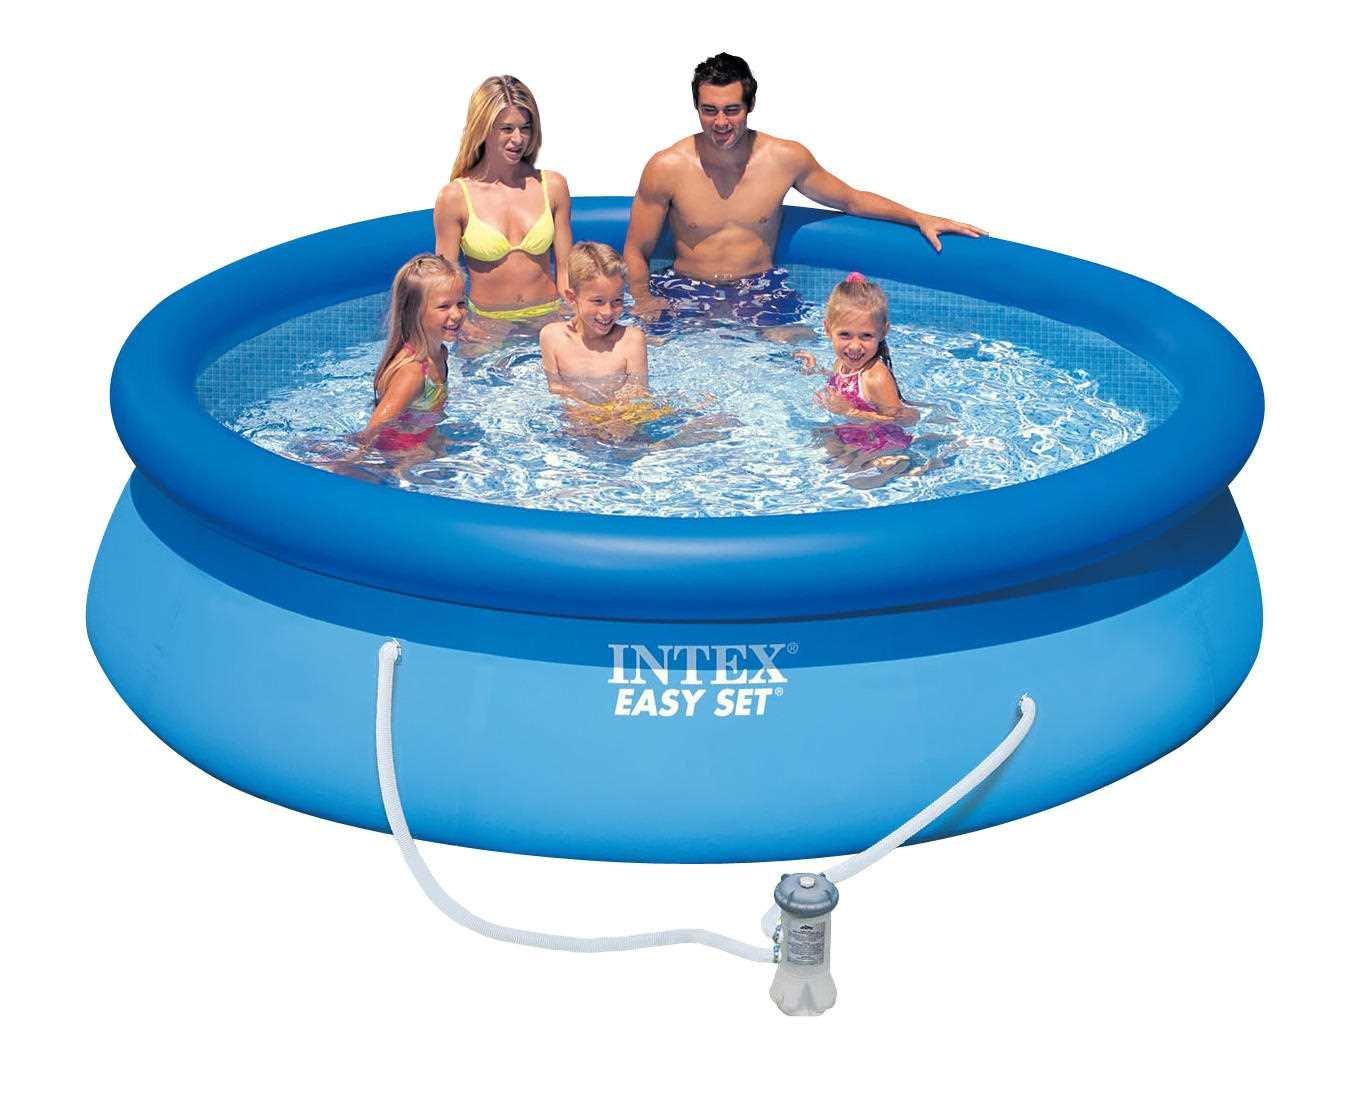 Vellidte Intex Easy Set Pool 305cm inkl. filter og pumpe (28122) | MIDhobby.dk NL-67